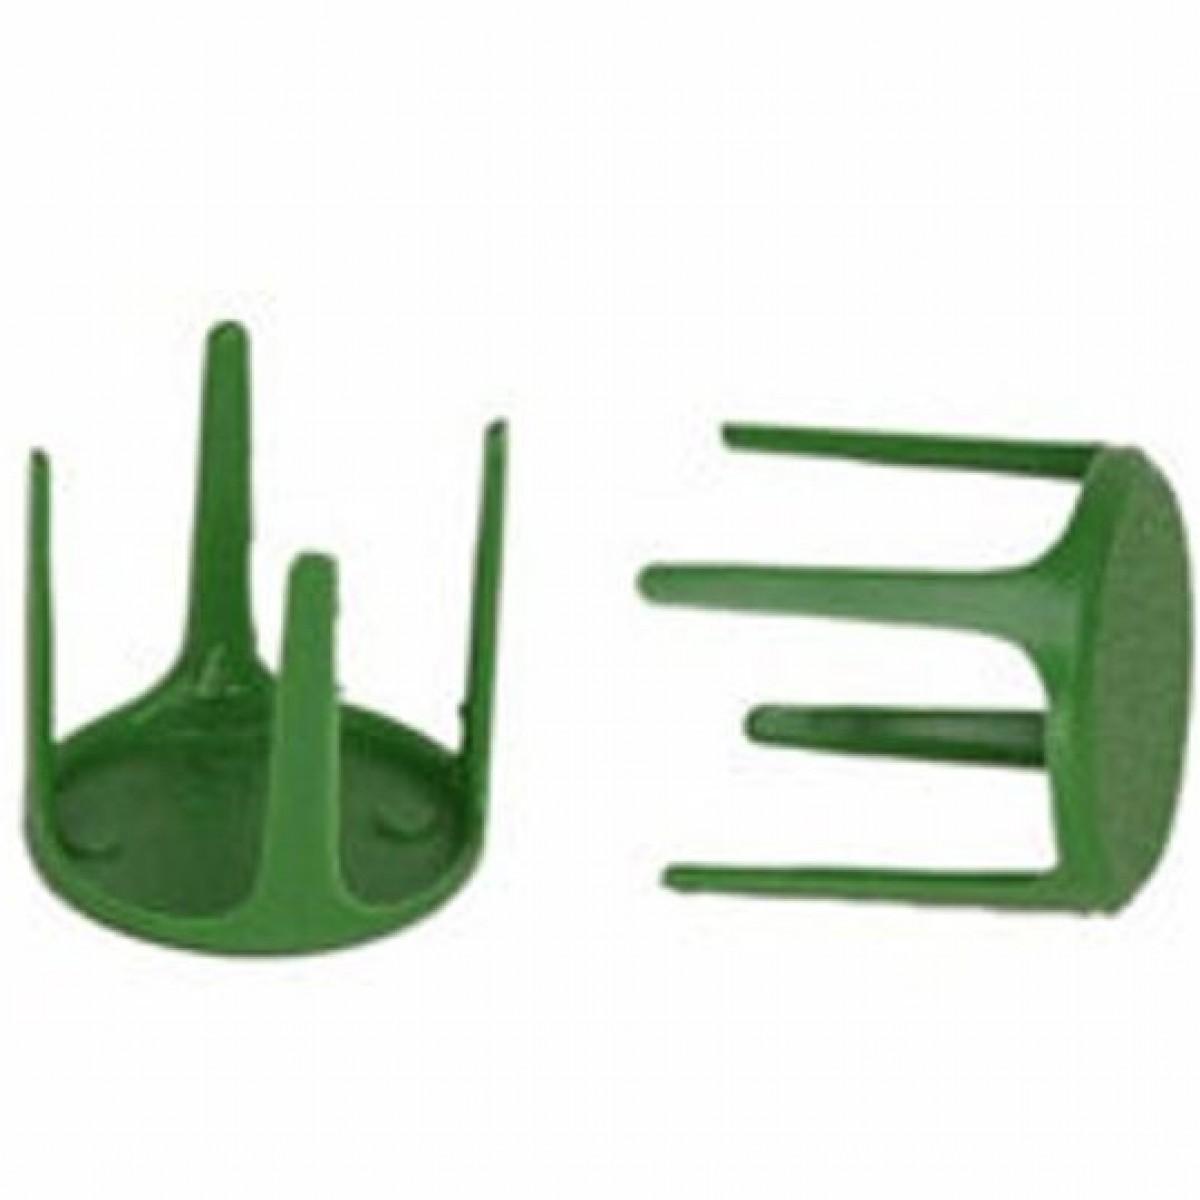 4407 Anchor Pin (Pin Holder) Green (100 Nos)